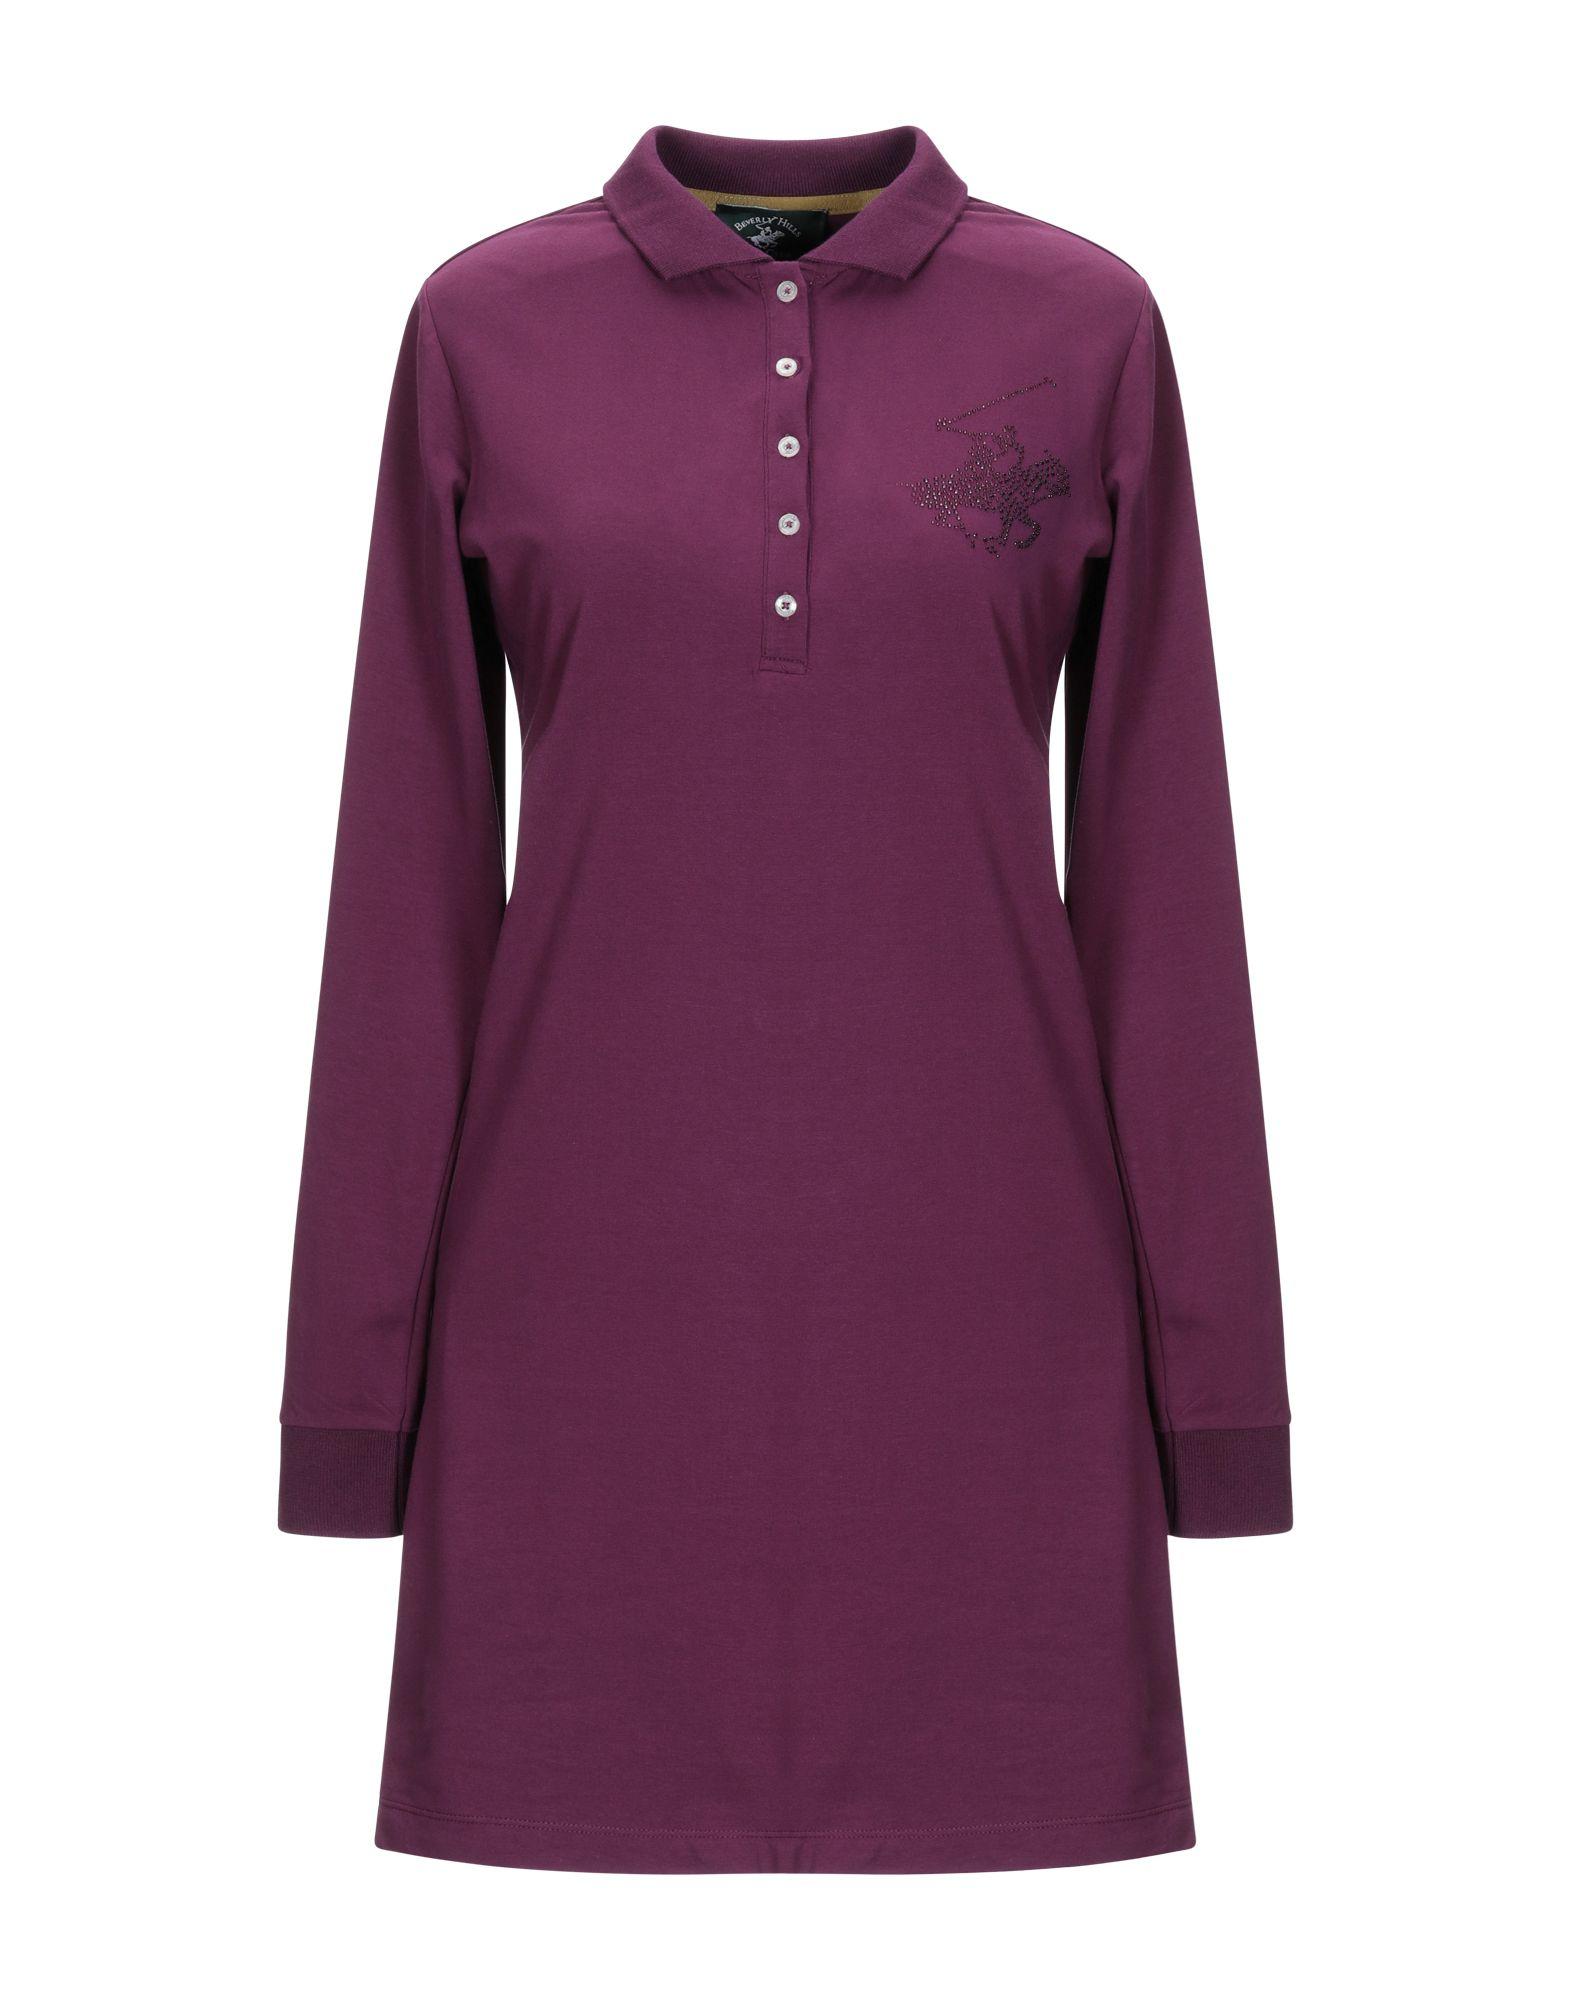 BEVERLY HILLS POLO CLUB Damen Kurzes Kleid Farbe Violett Größe 5